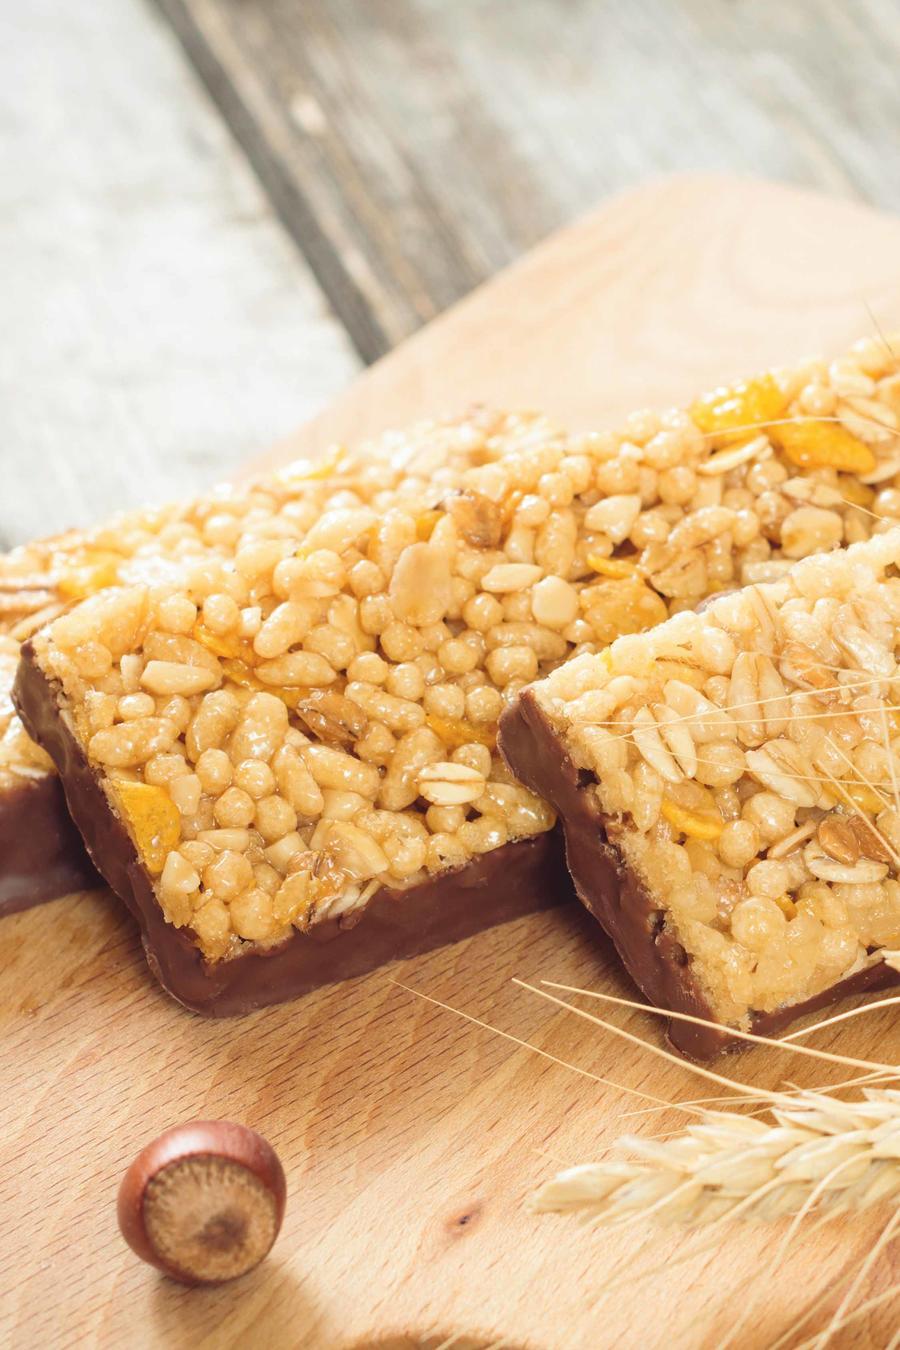 Barras de granola sobre una tabla de madera